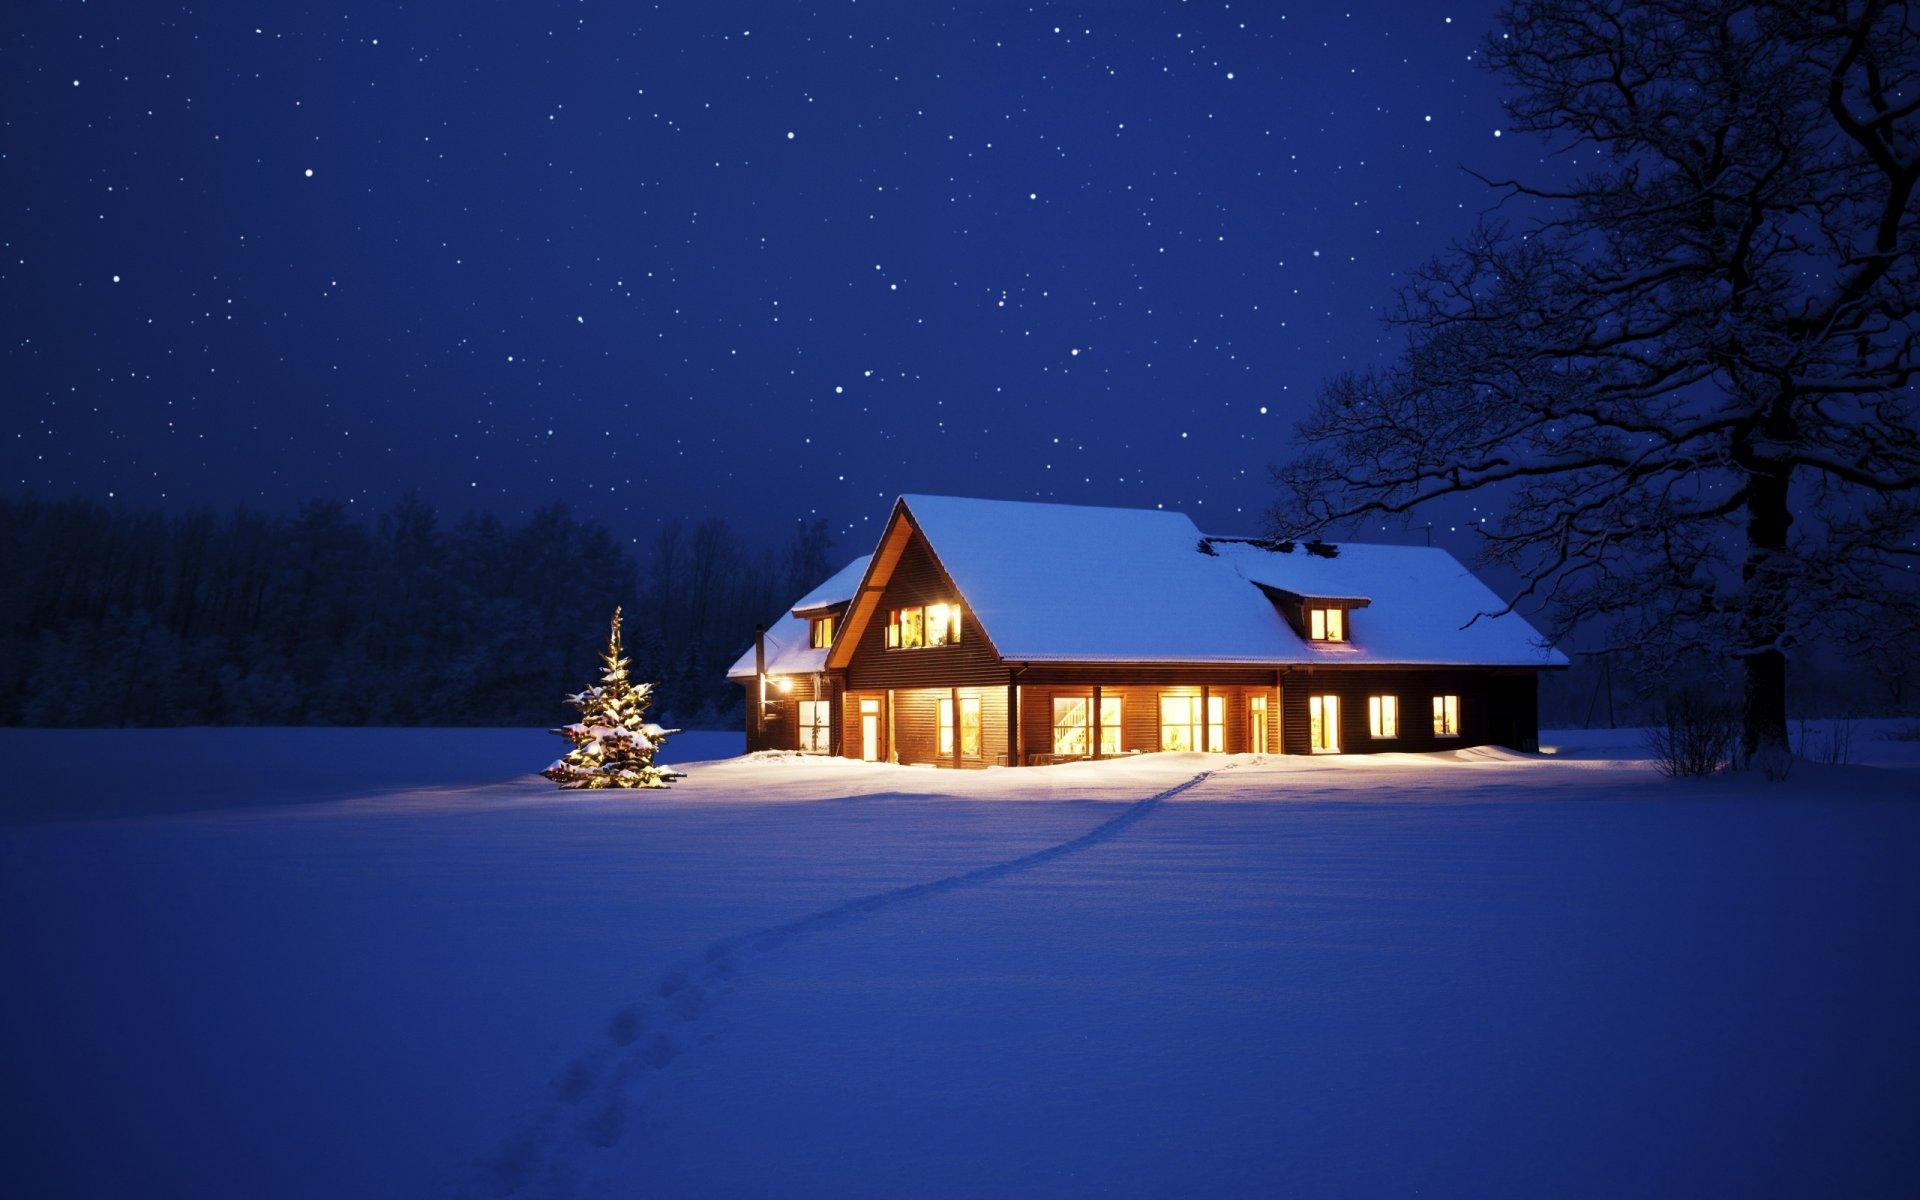 Картинки зимы с домами